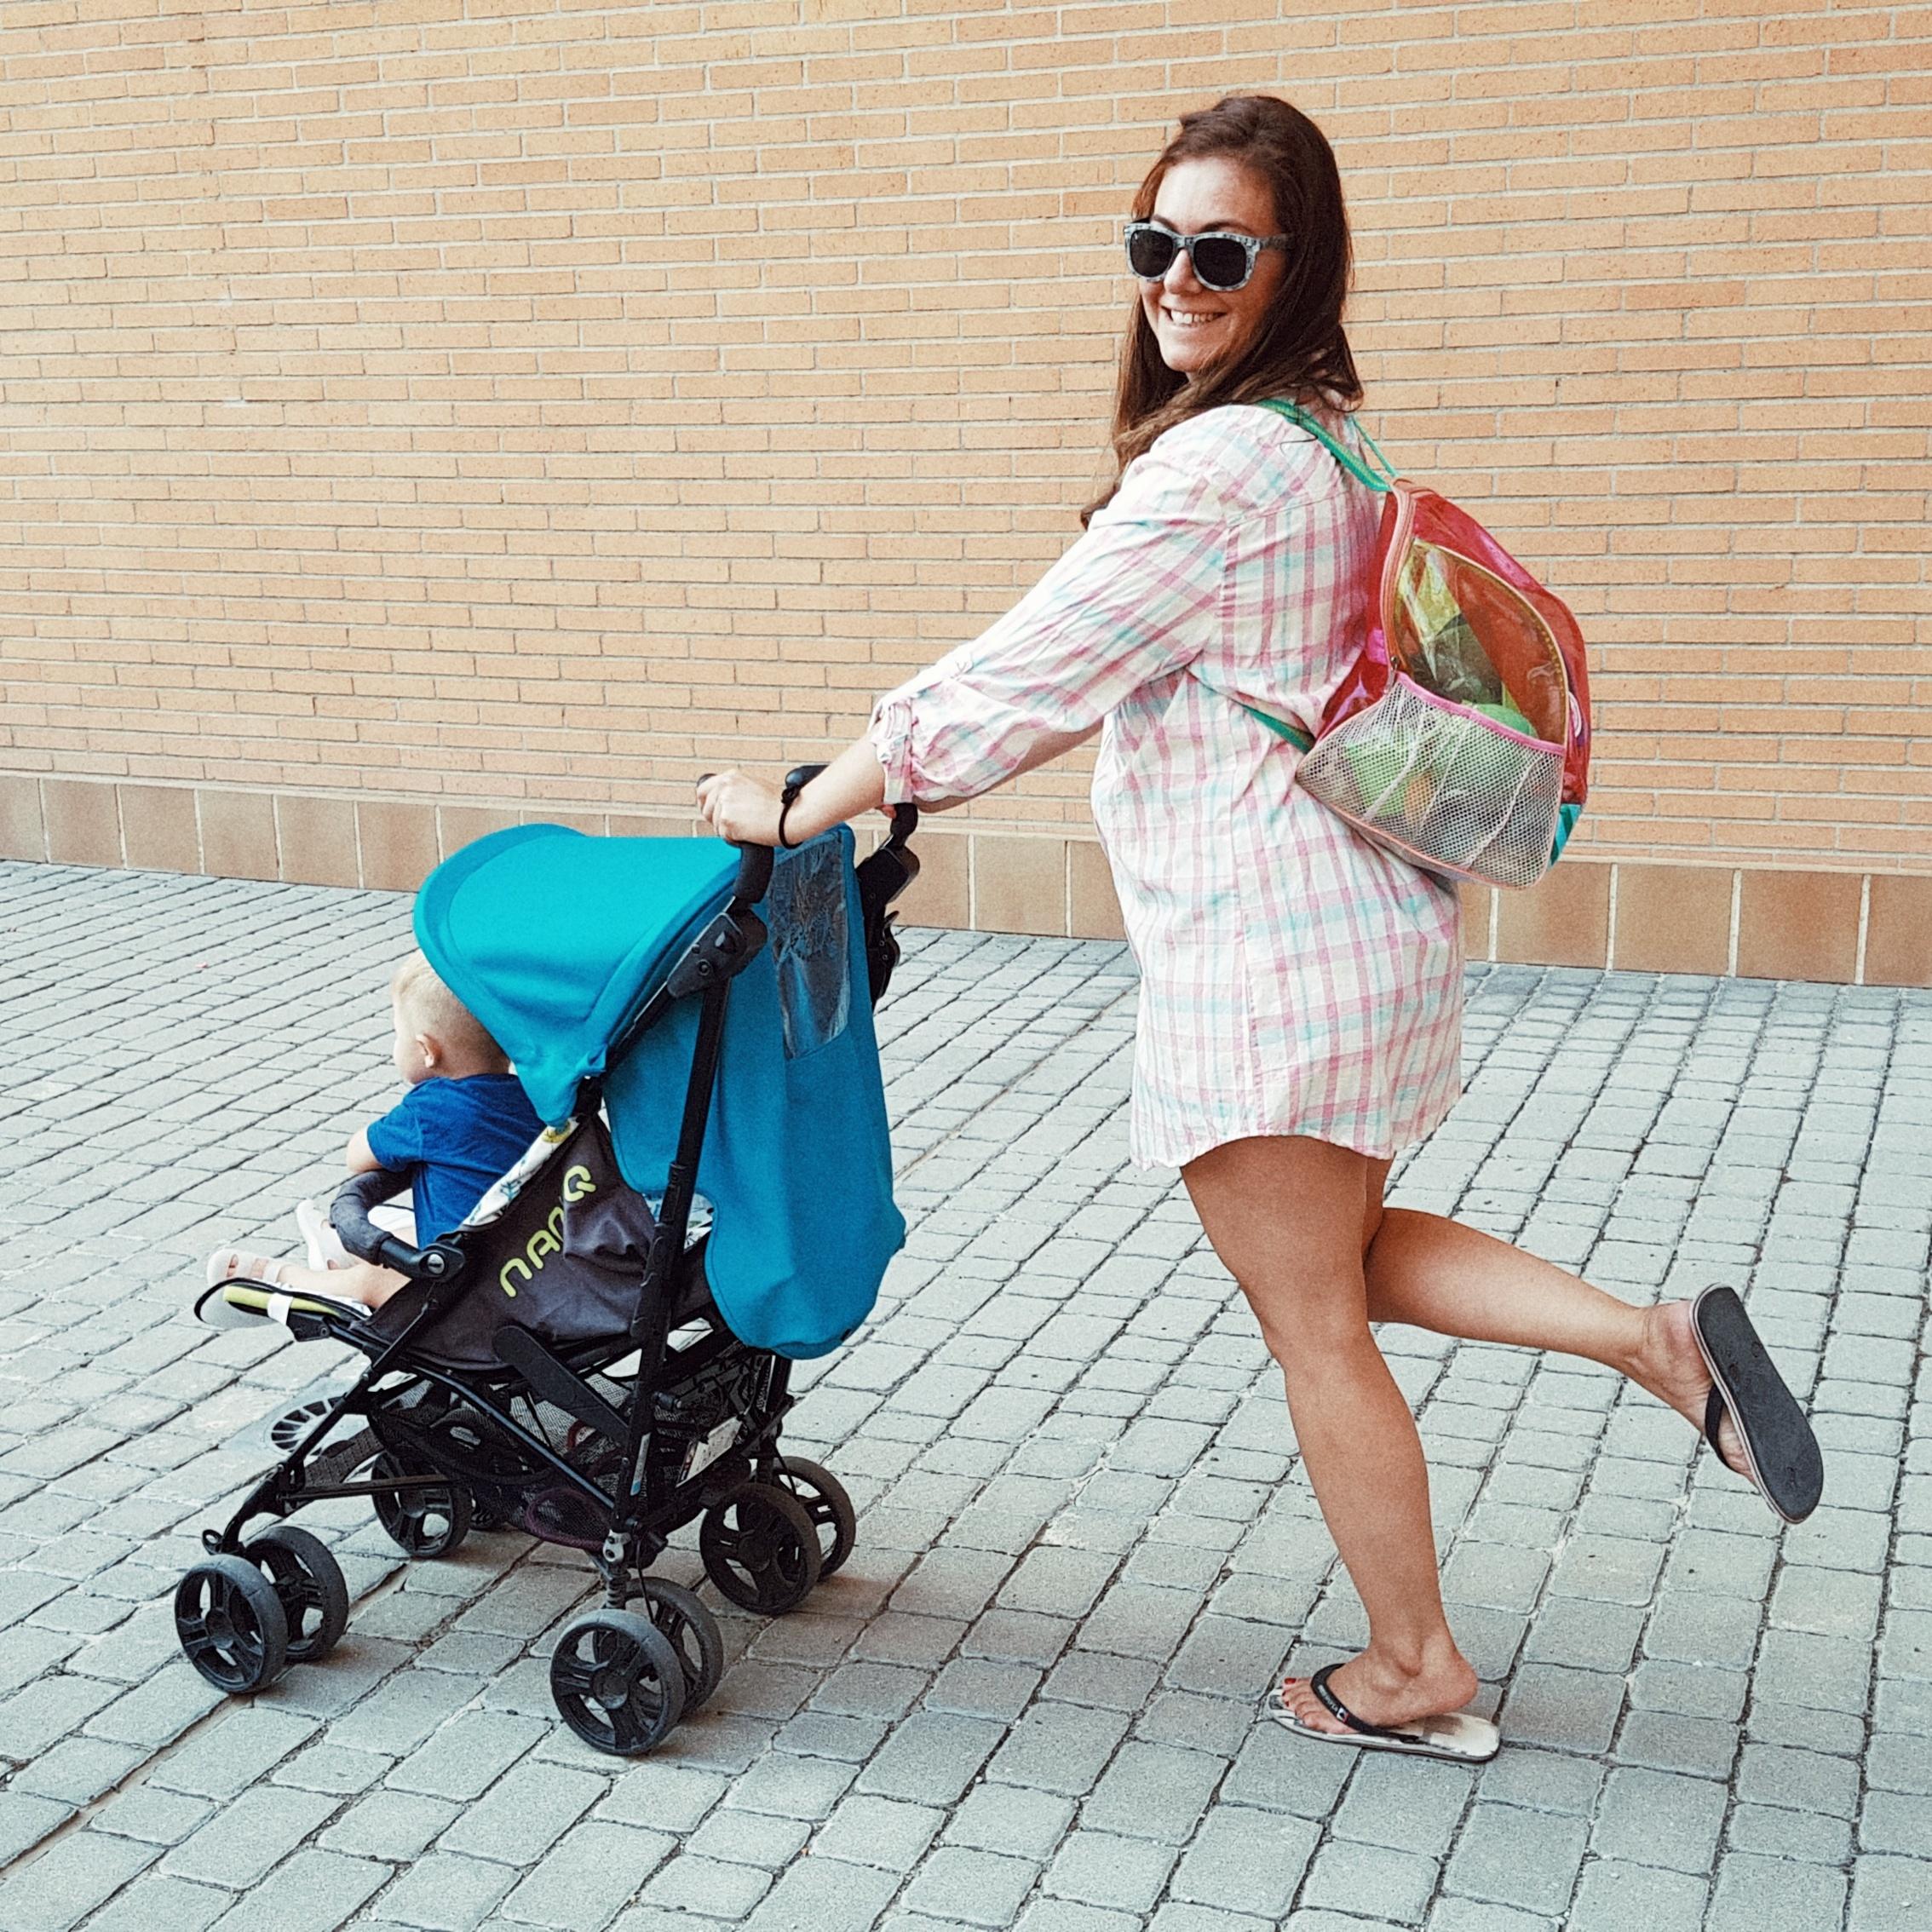 Comparativa de sillas de paseo compactas la guinda de lim n - Comparativa sillas bebe ...